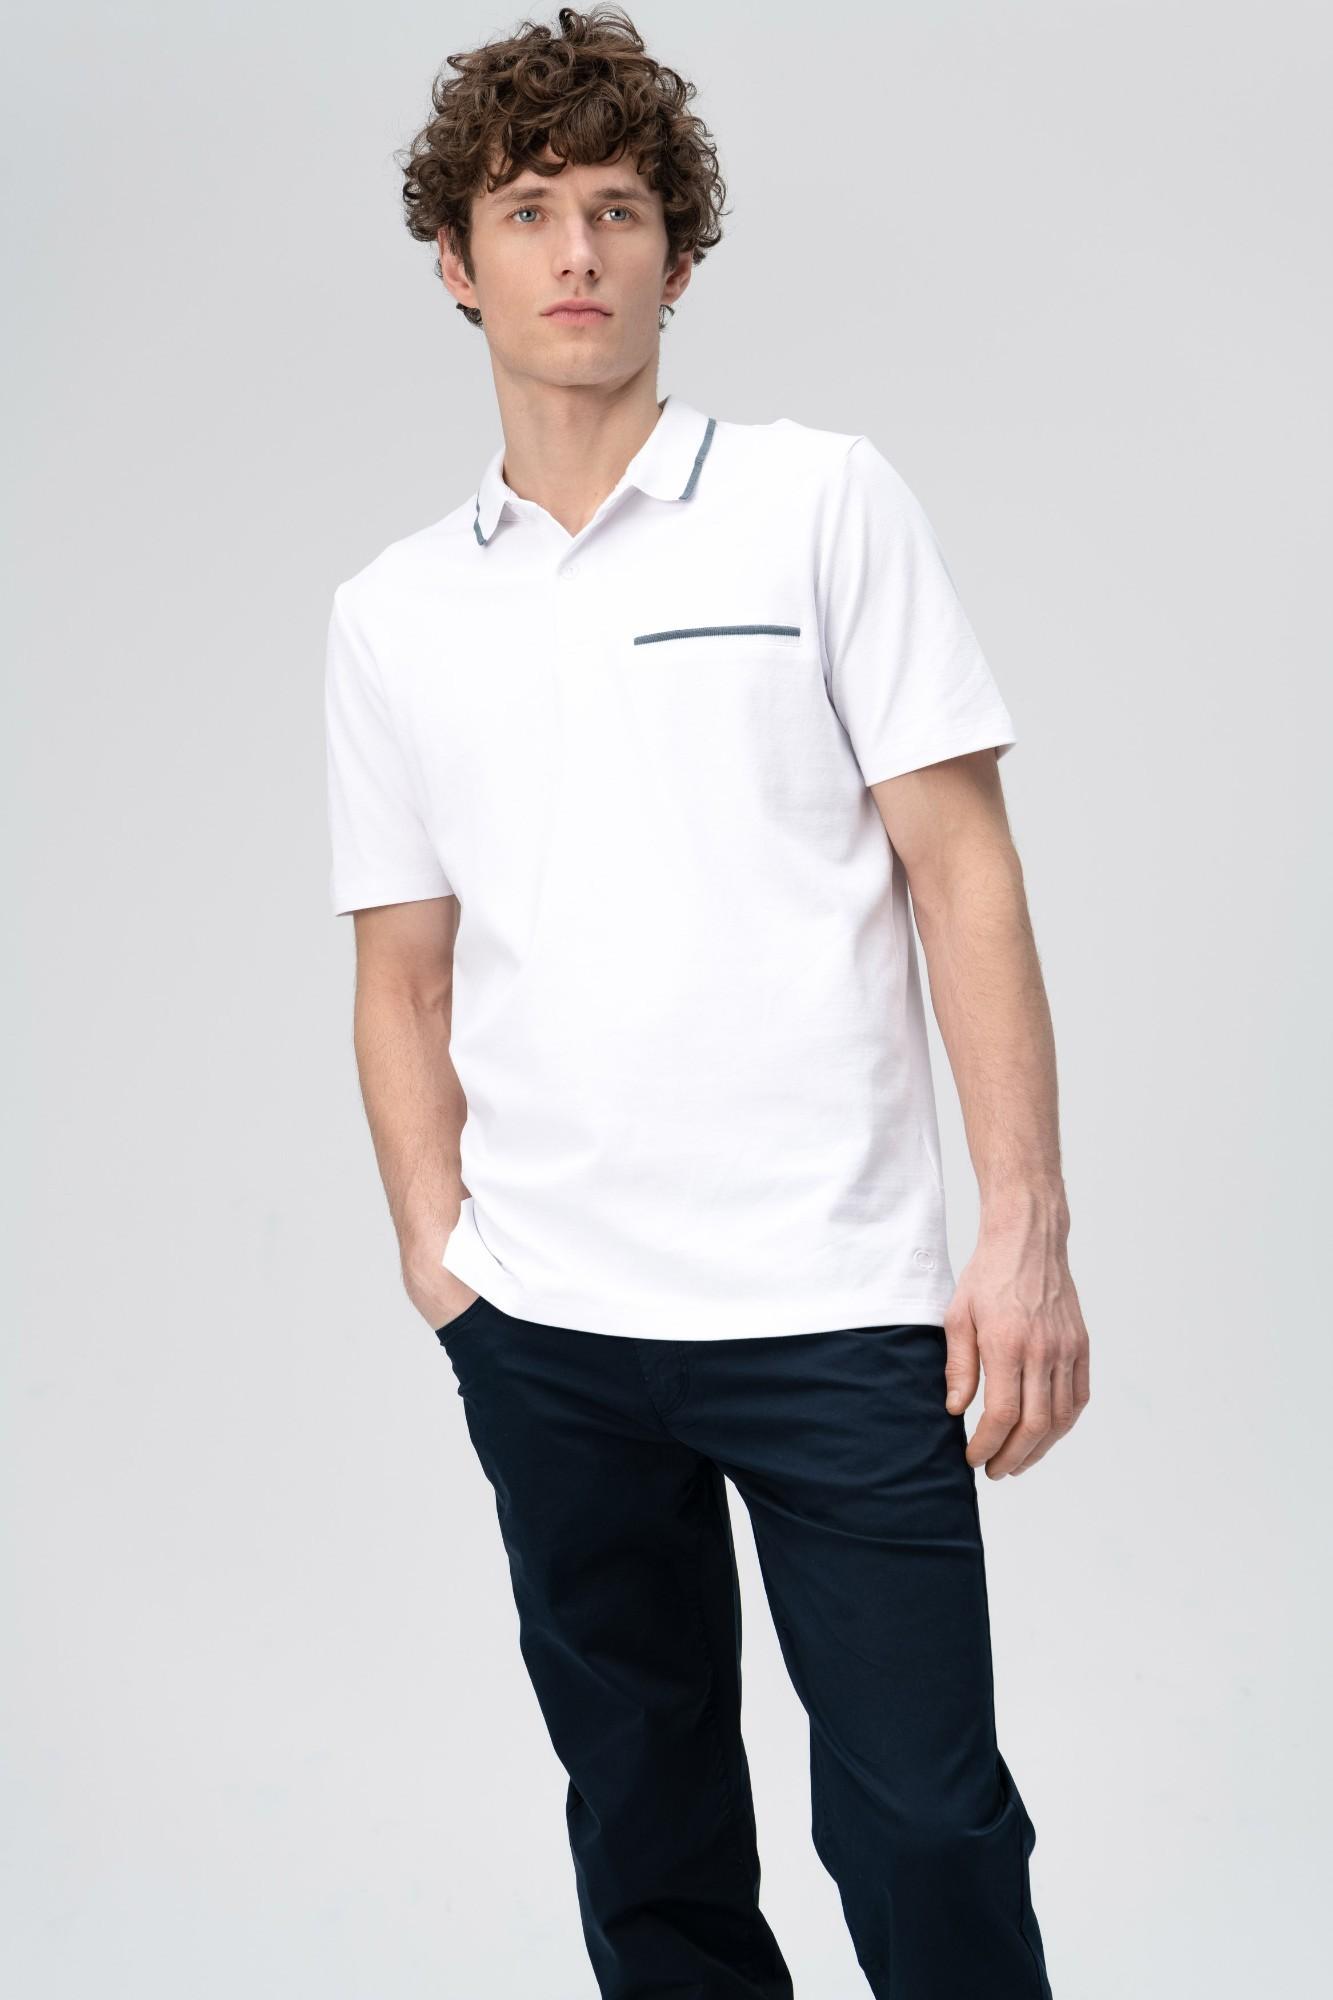 AUDIMAS Tamprūs medv. polo marškinėliai 2011-527 White M